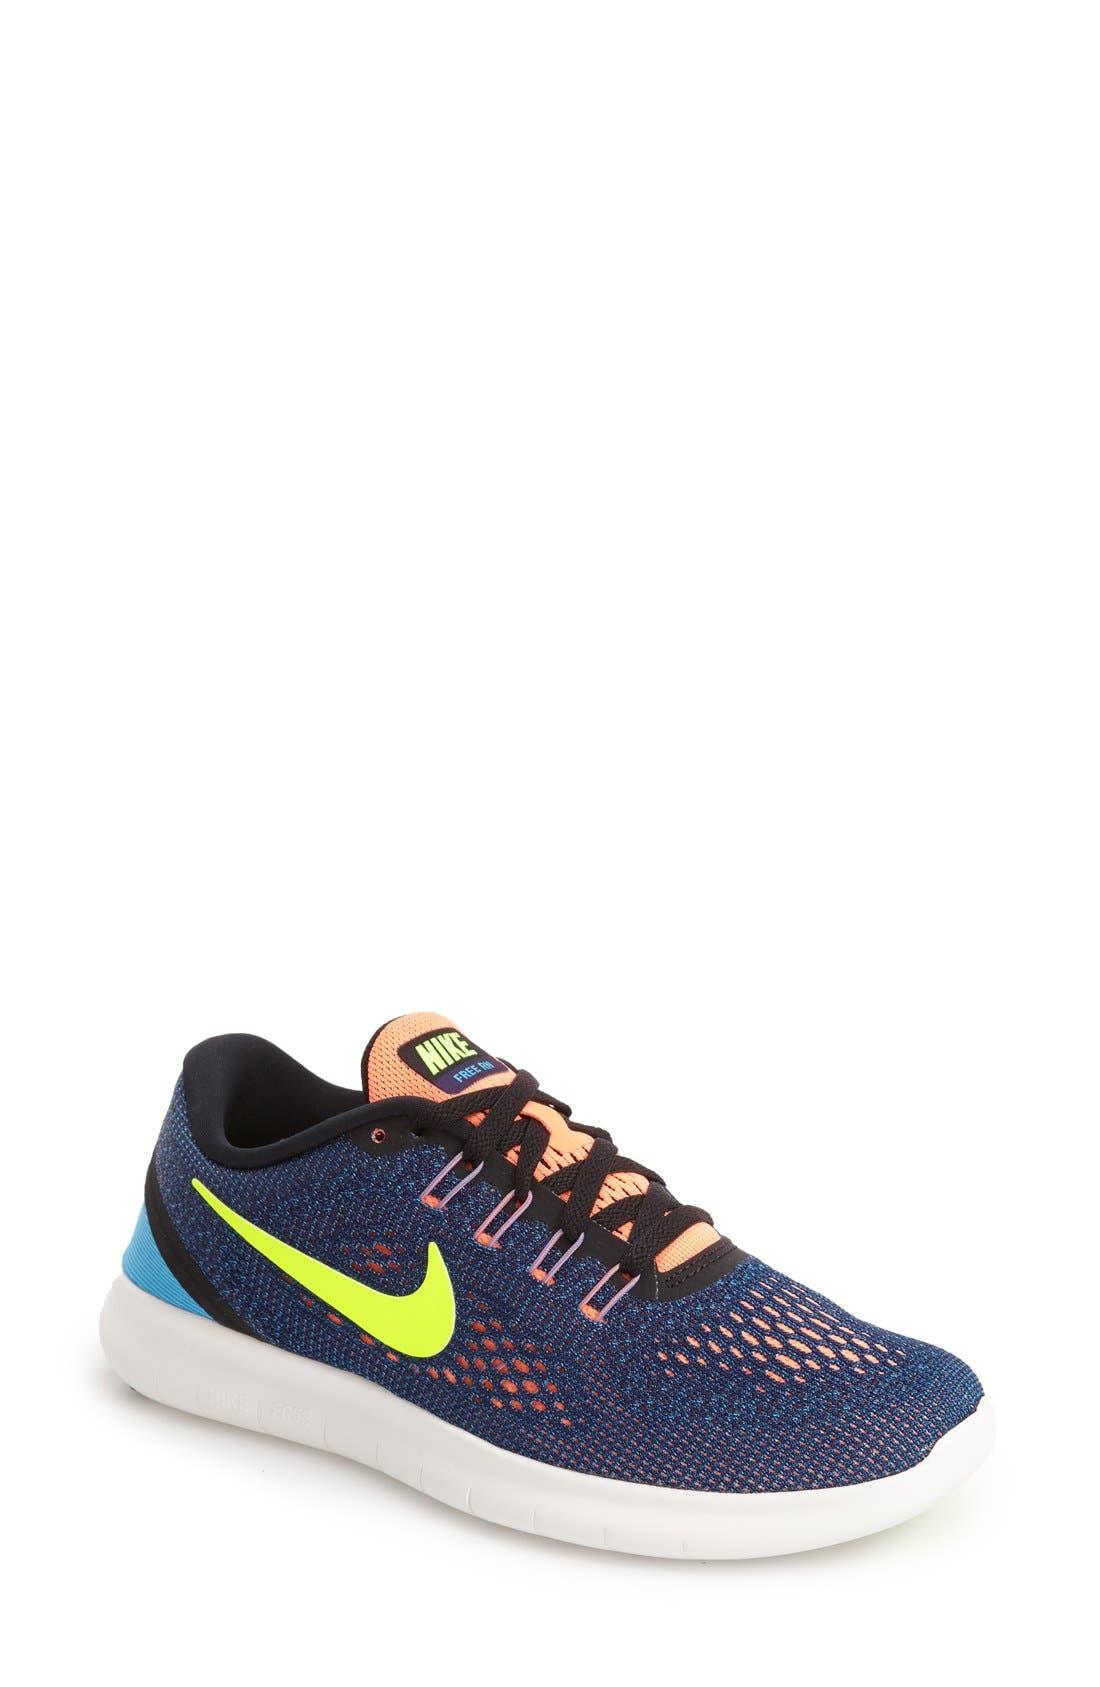 Alternate Image 1 Selected - Nike Free RN Running Shoe (Women)